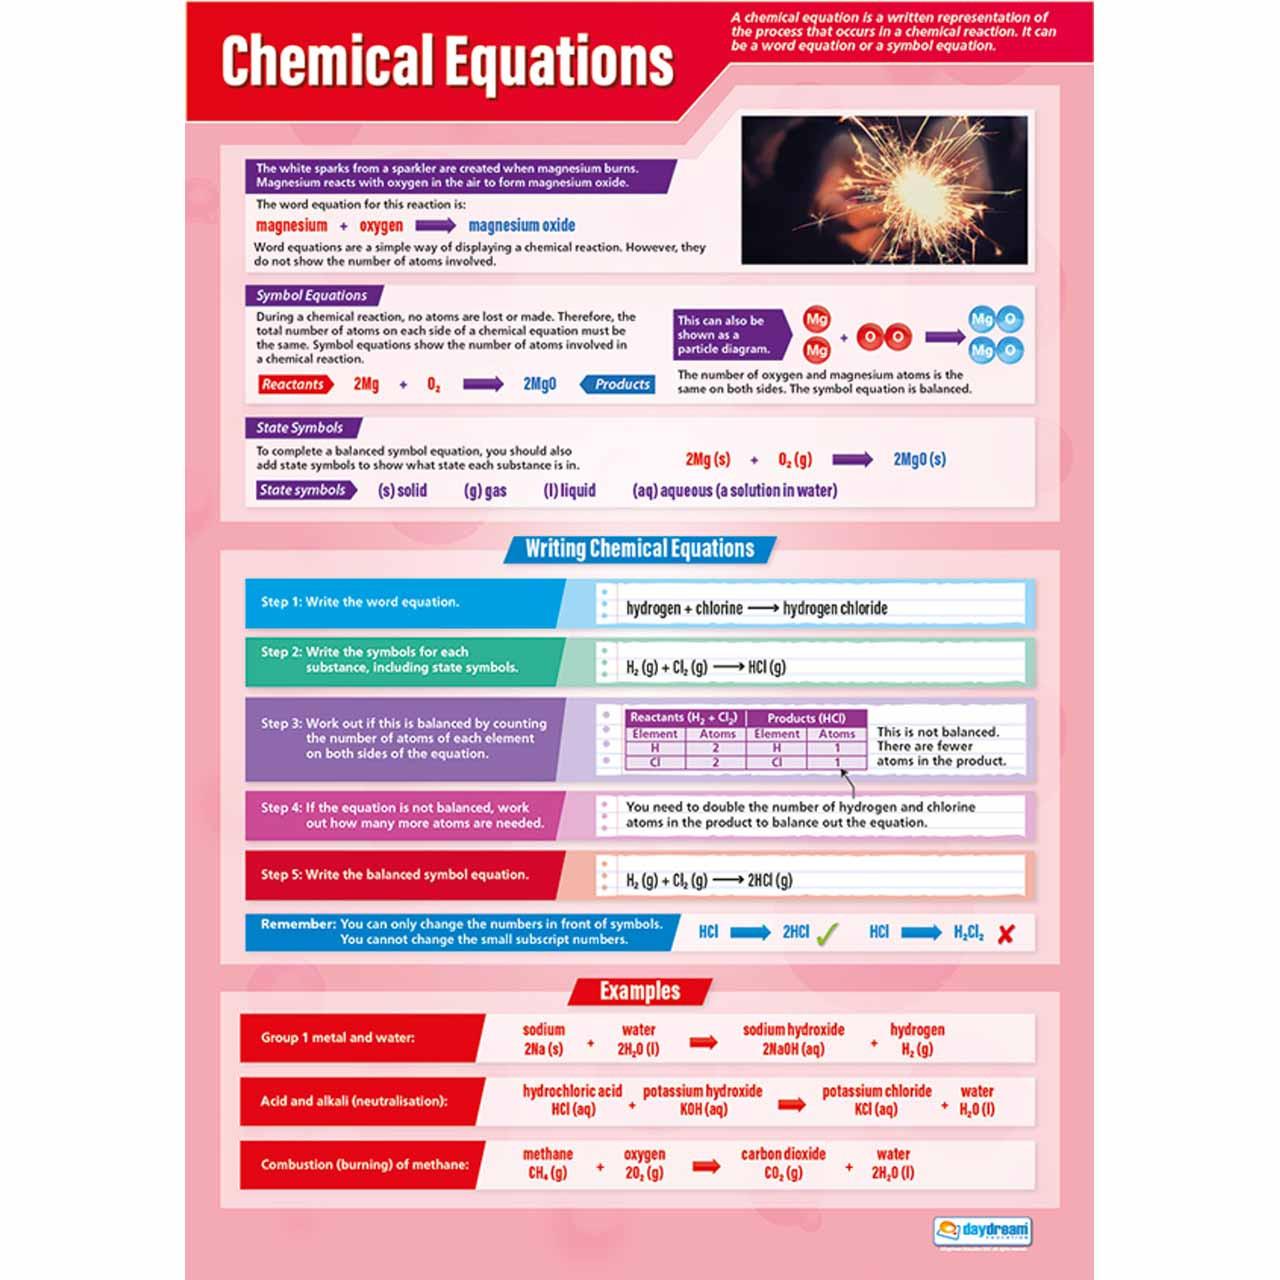 SC074L - Chemical Equations